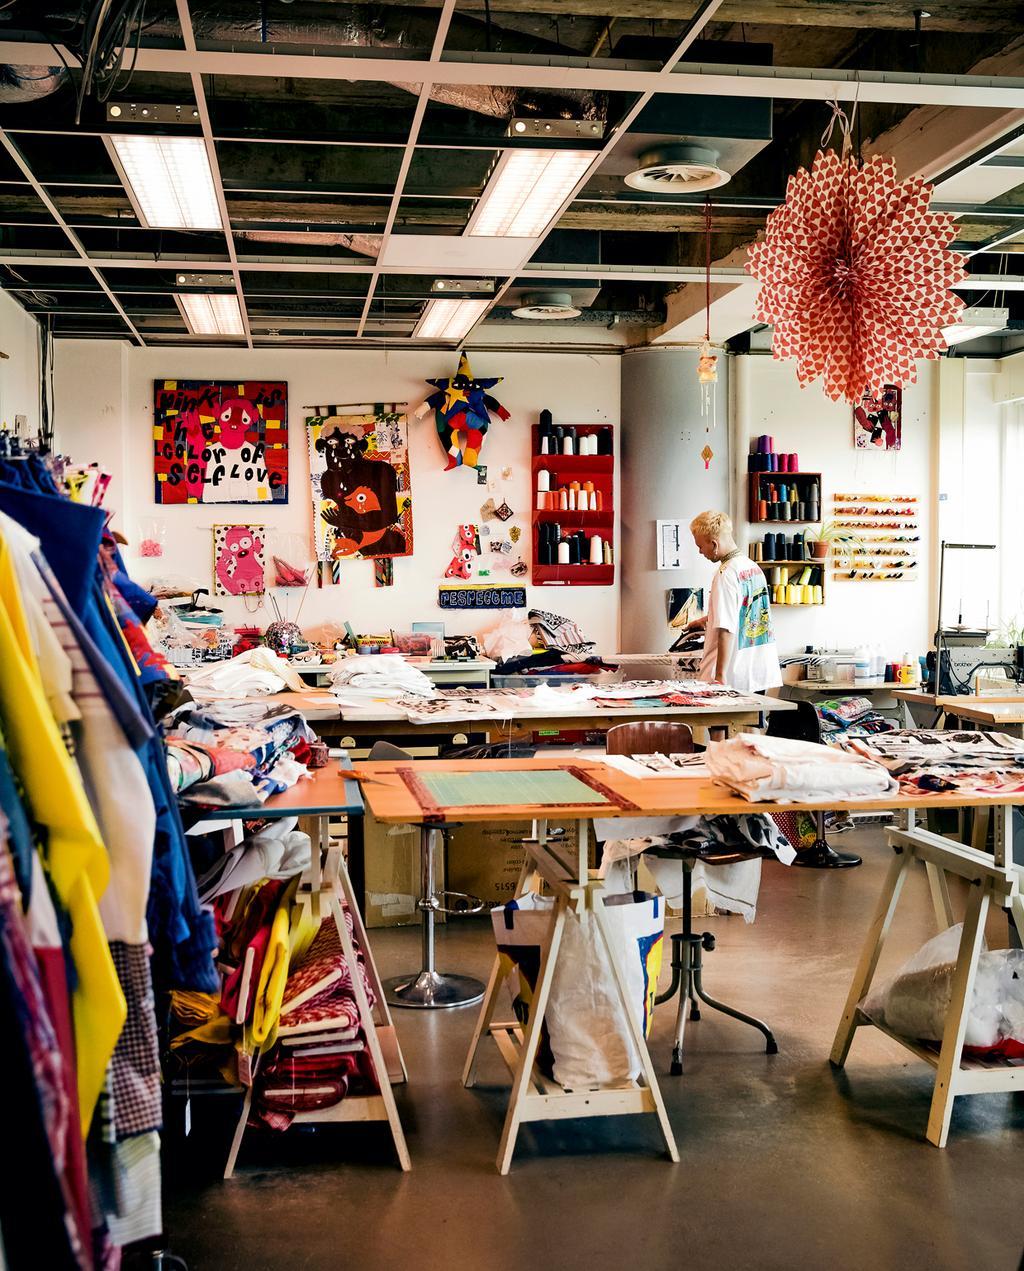 vtwonen 7-2019 | Bas Kosters atelier